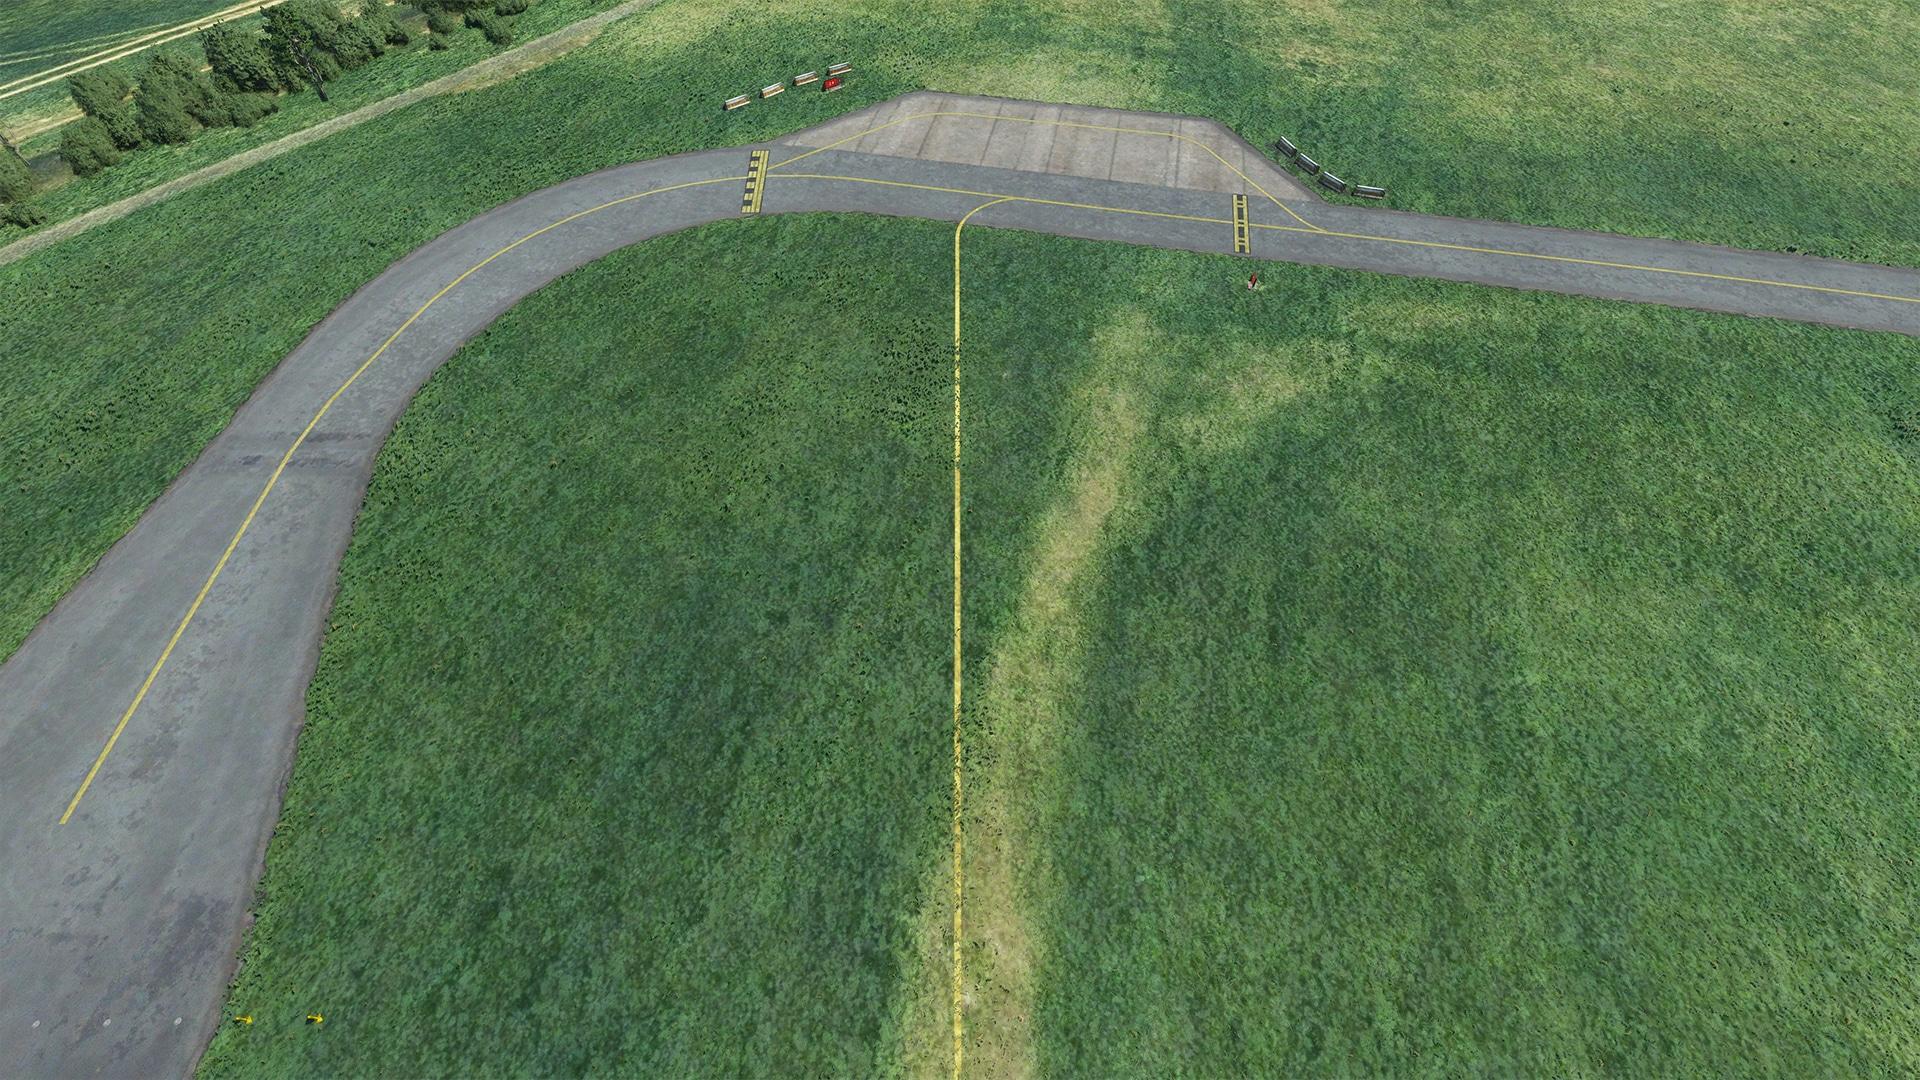 Die Markierung des Gras-Taxiways.